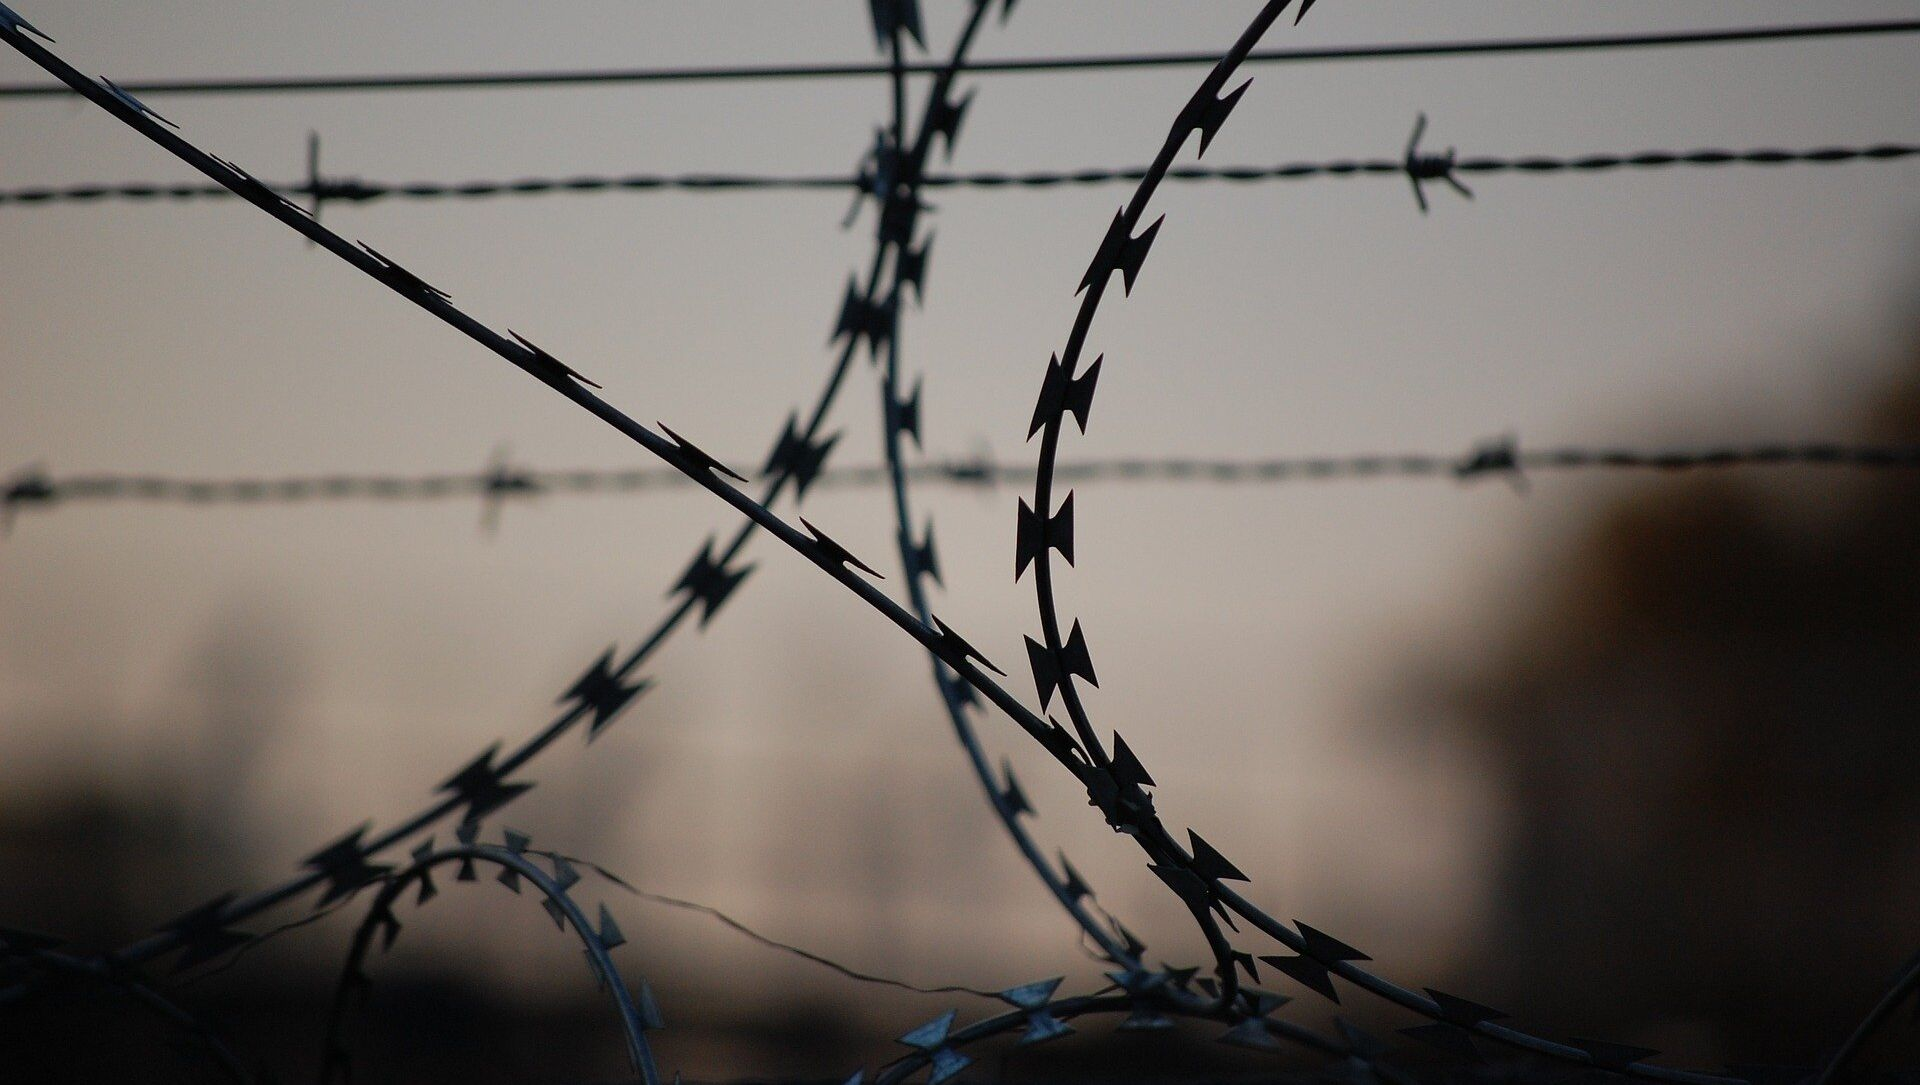 Una prisión (imagen referencial) - Sputnik Mundo, 1920, 03.02.2021